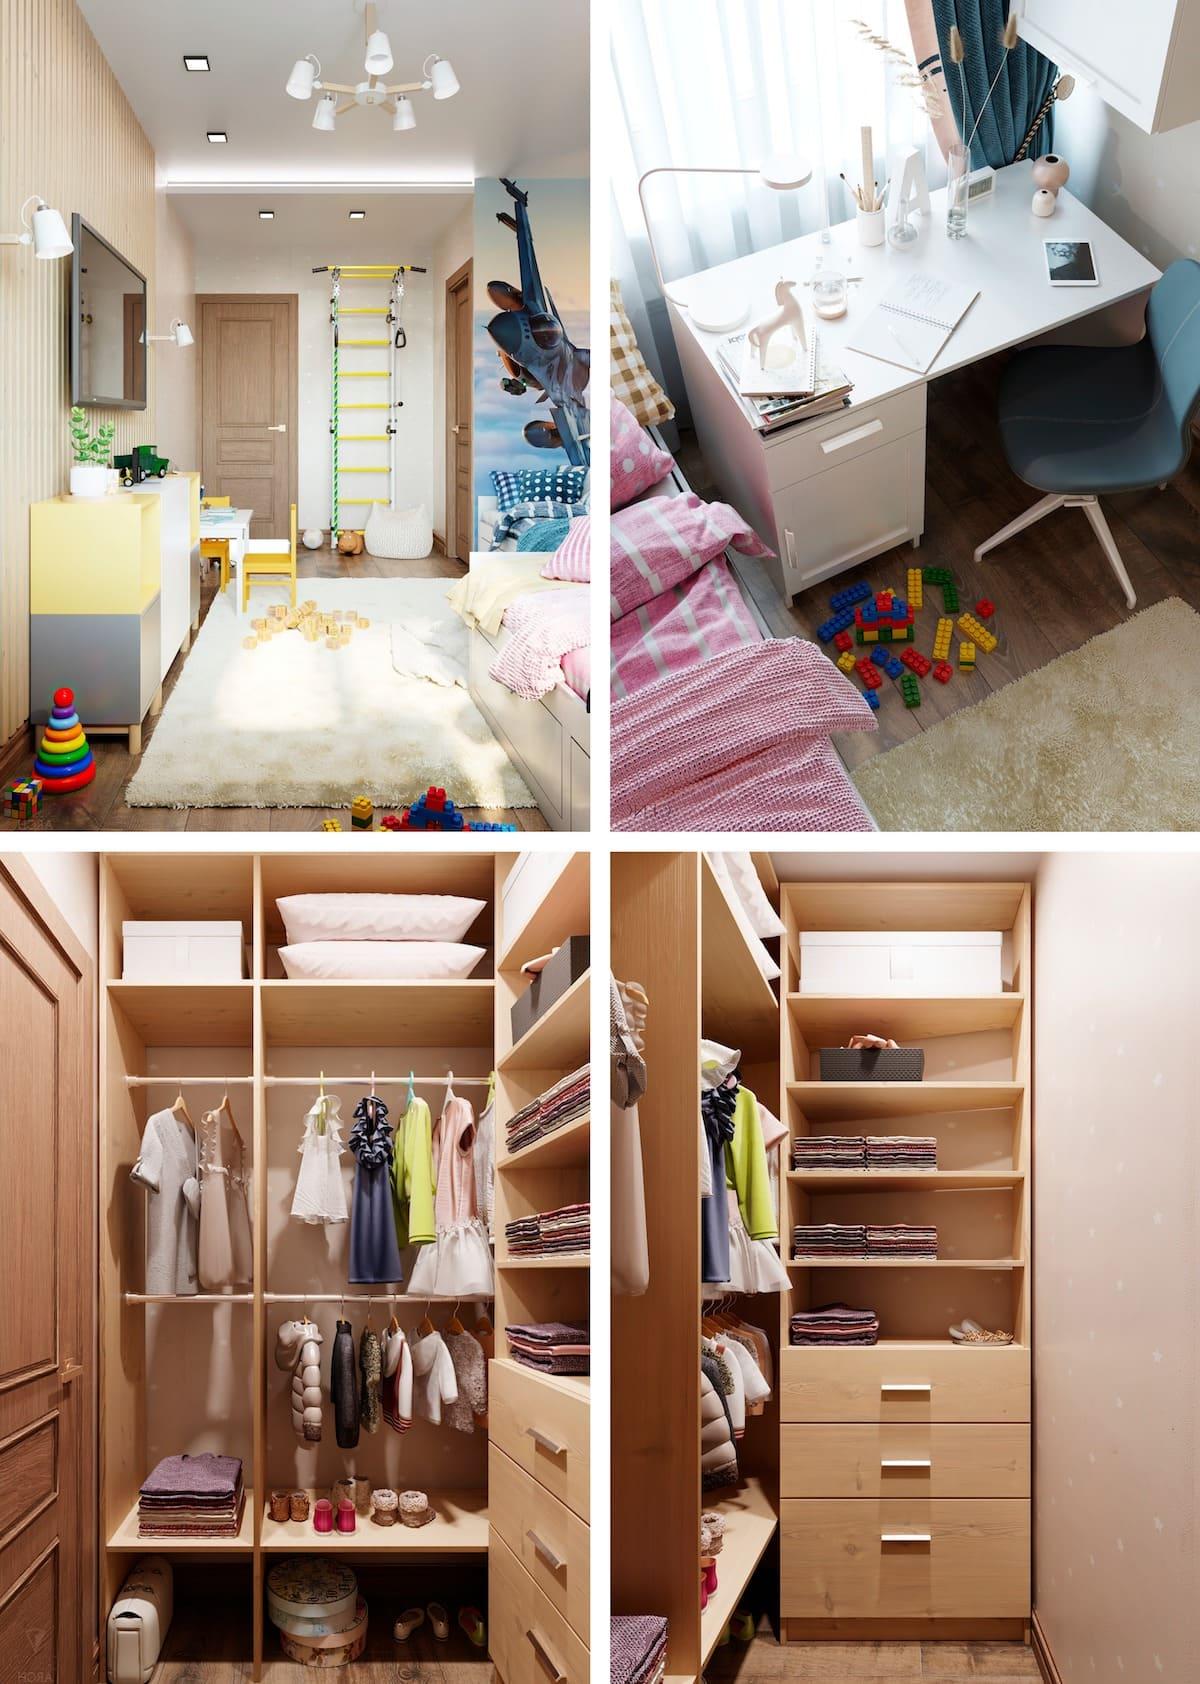 Aménagement d'une chambre d'enfant photo 57